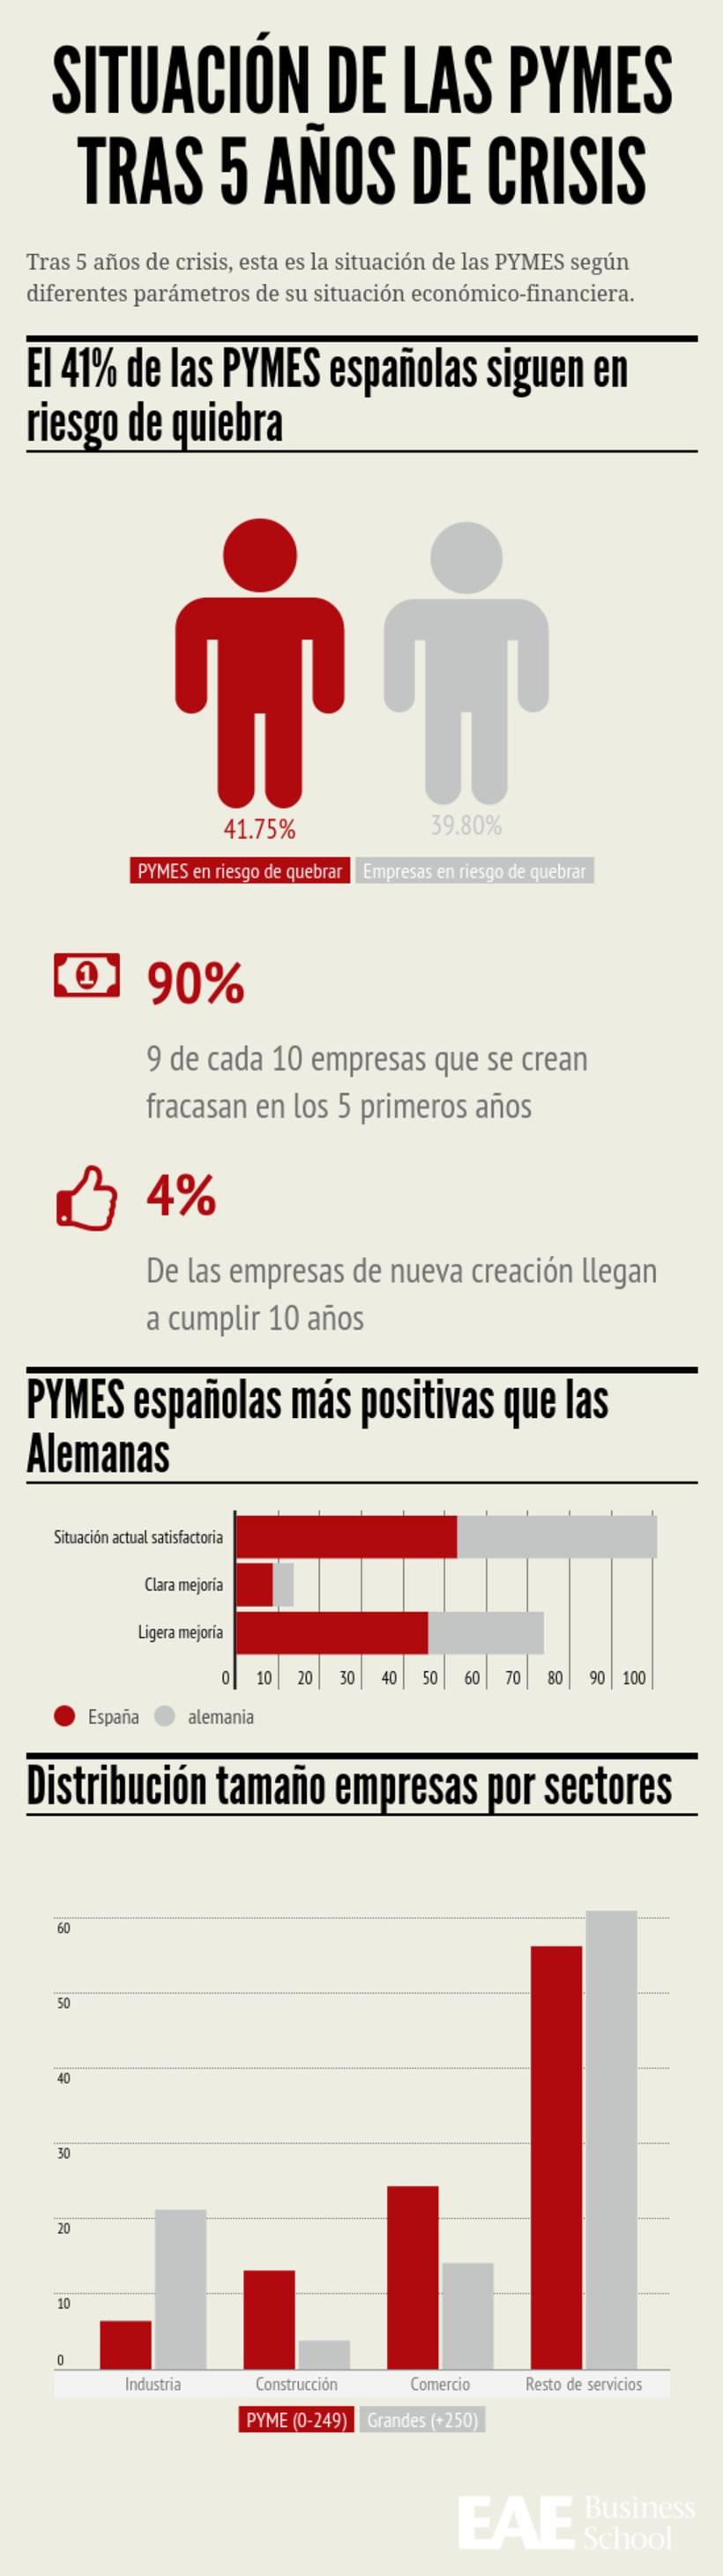 ¿Cómo están las PYMES tras 5 años de crisis? -1